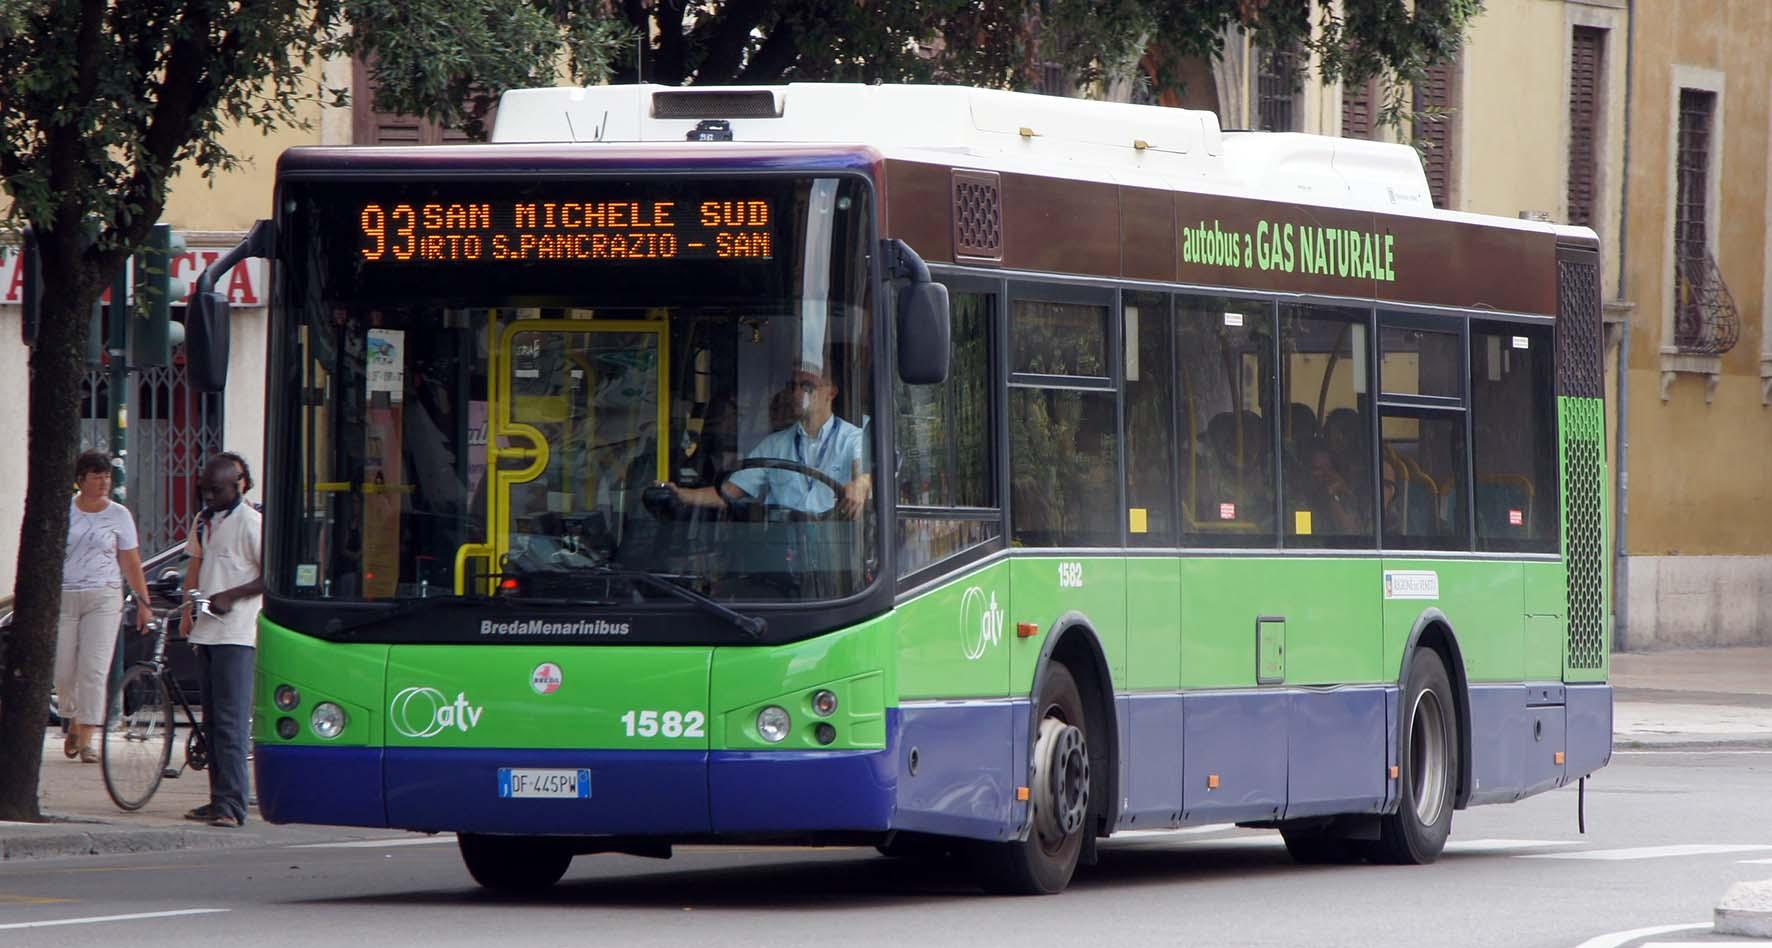 ATV autobus gas naturale